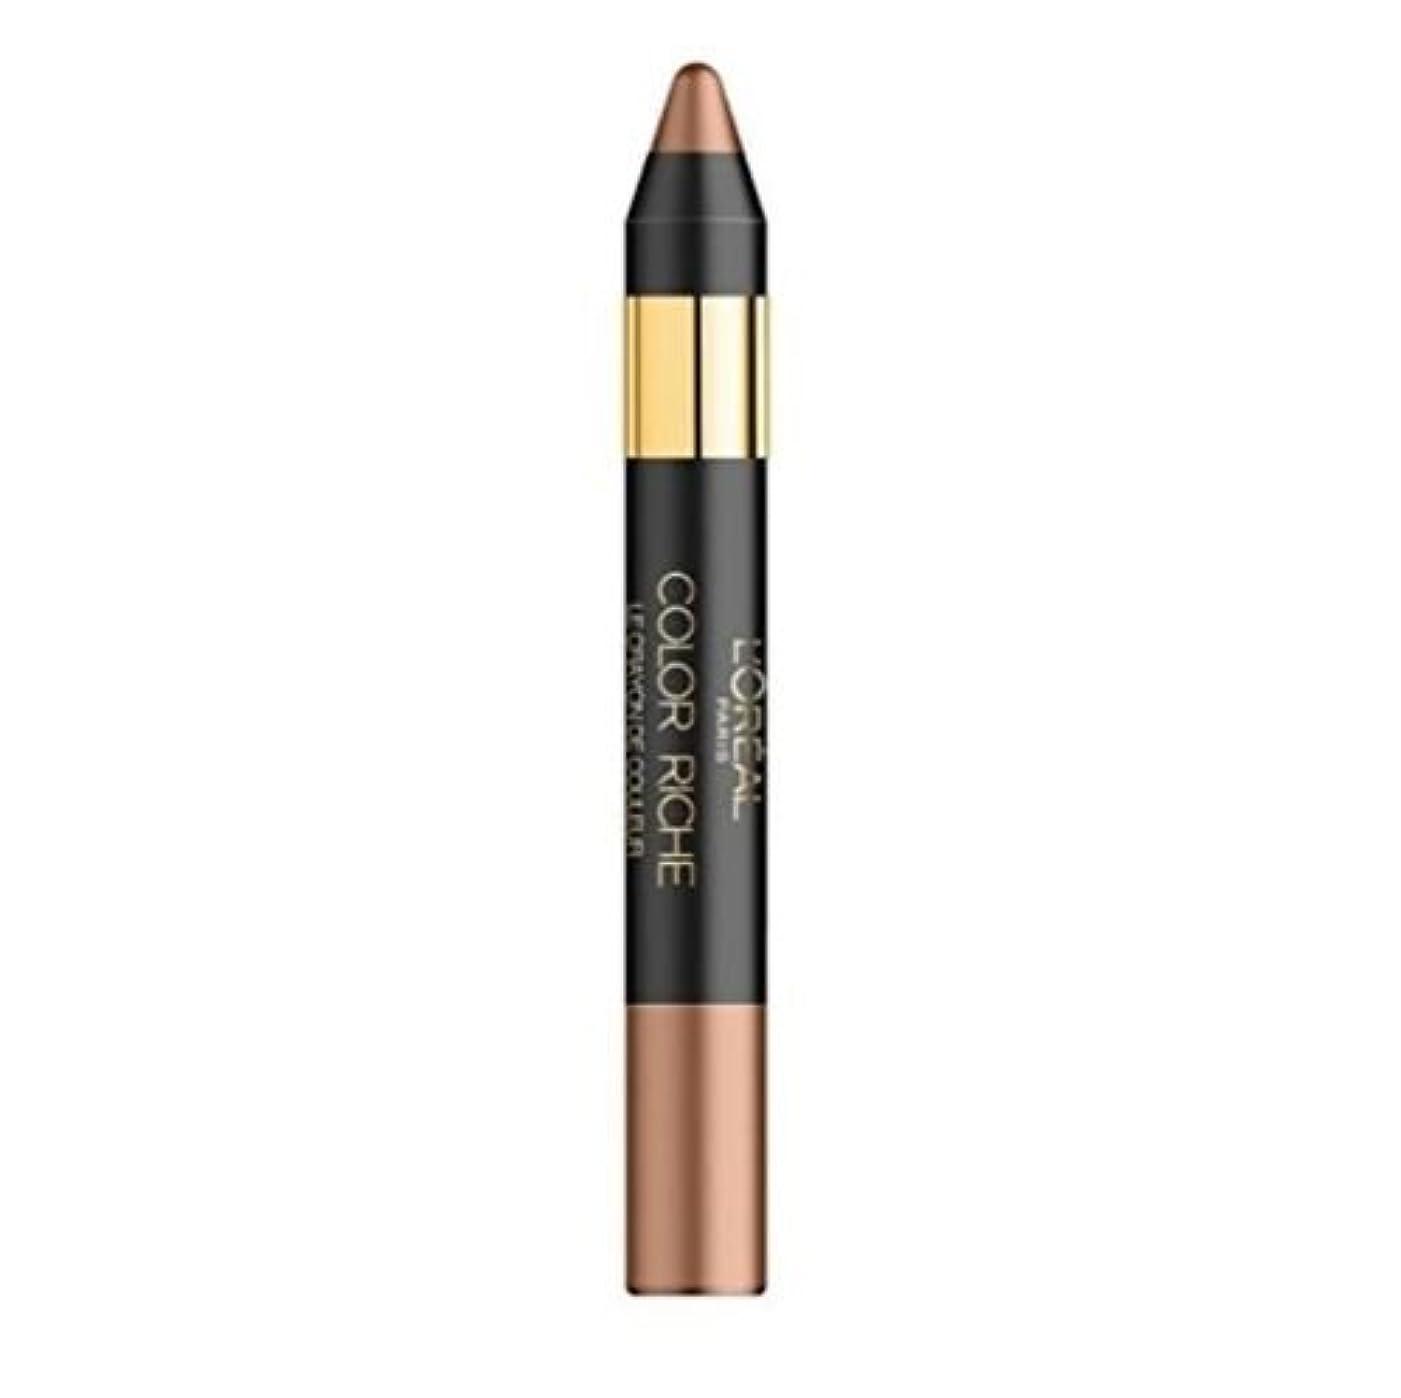 ベル若さカエルLoreal Color Riche Eye Color Eyeliner Shadow Pencil Smoky Taupe 03